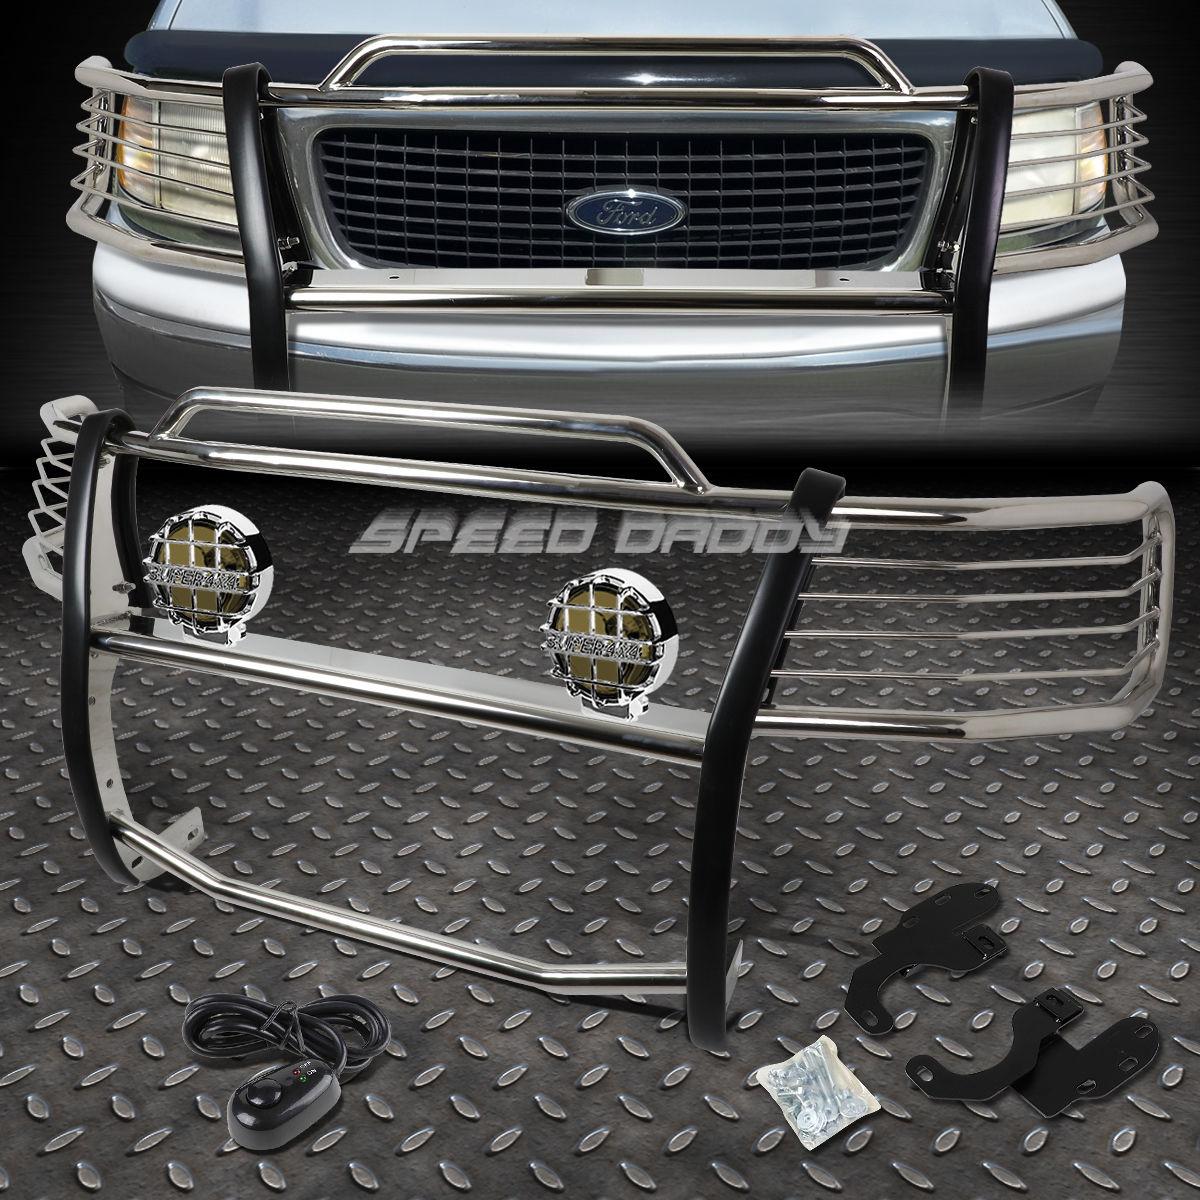 グリル クロムブラシグリルガード+丸煙霧灯99-200 EXPEDITION / F15  0 2WD CHROME BRUSH GRILL GUARD+ROUND SMOKE FOG LIGHT FOR 99-02 EXPEDITION/F150 2WD